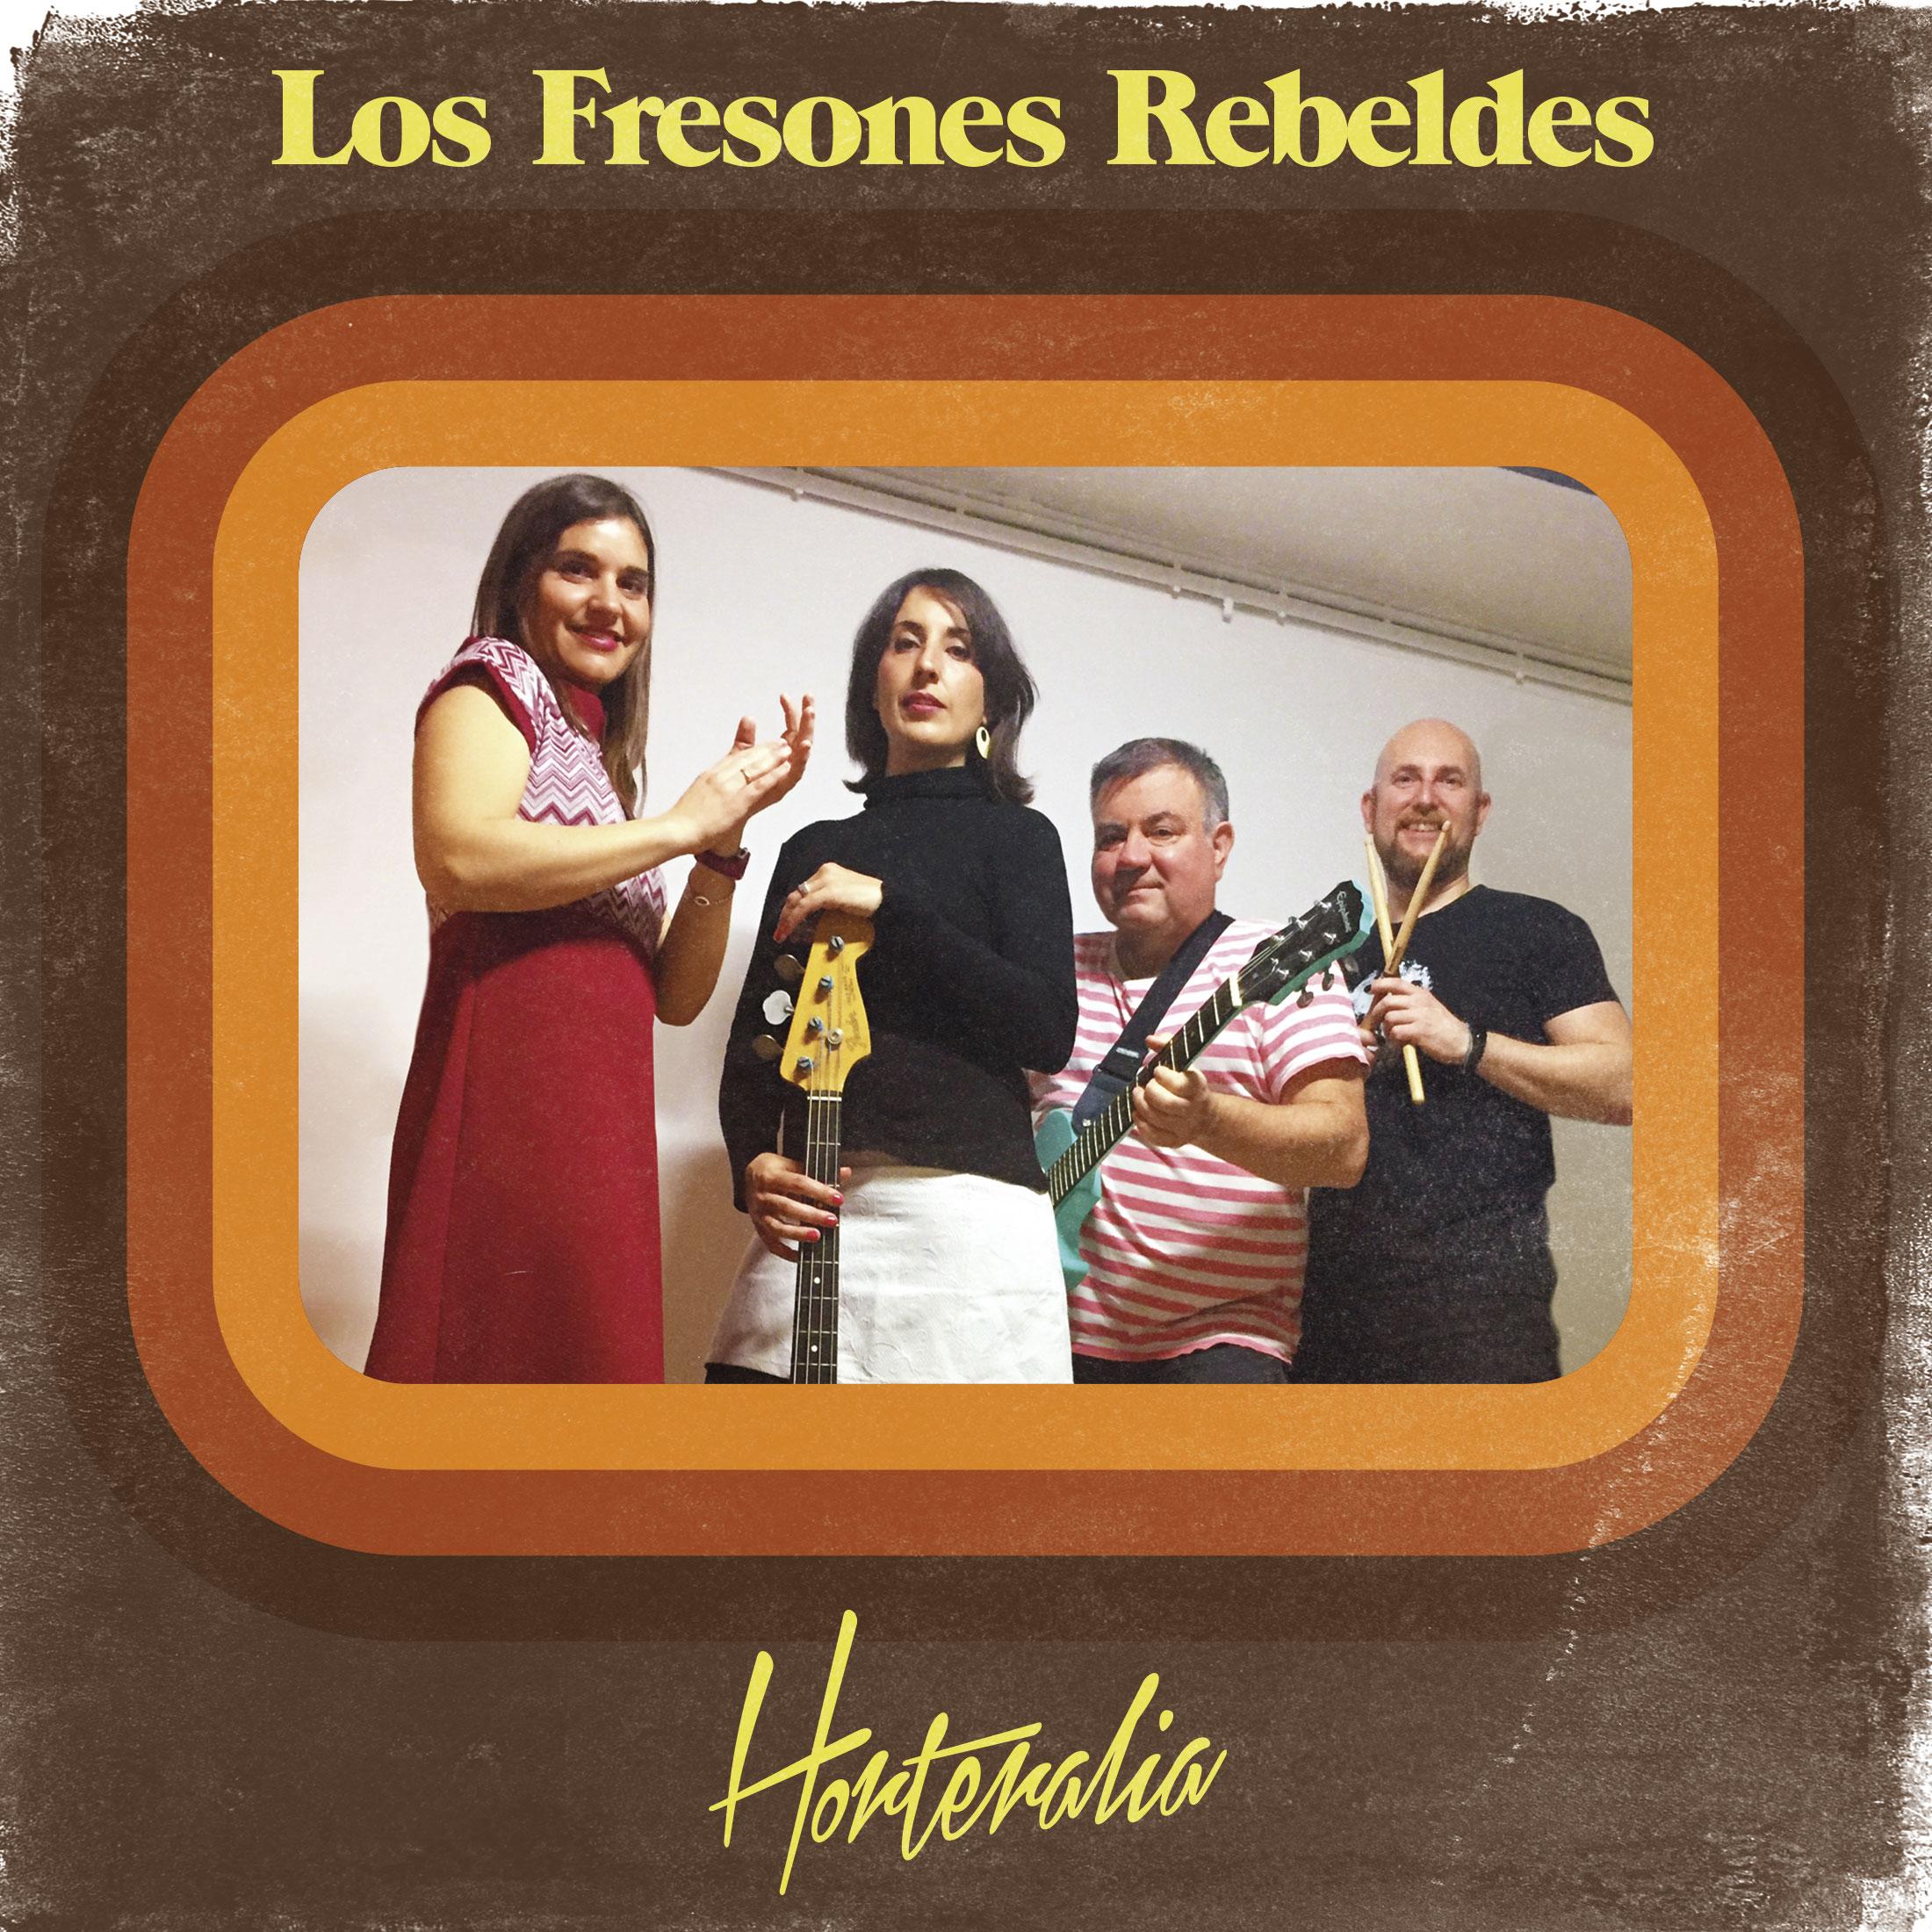 Los Fresones Rebeldes en el X aniversario de Horteralia